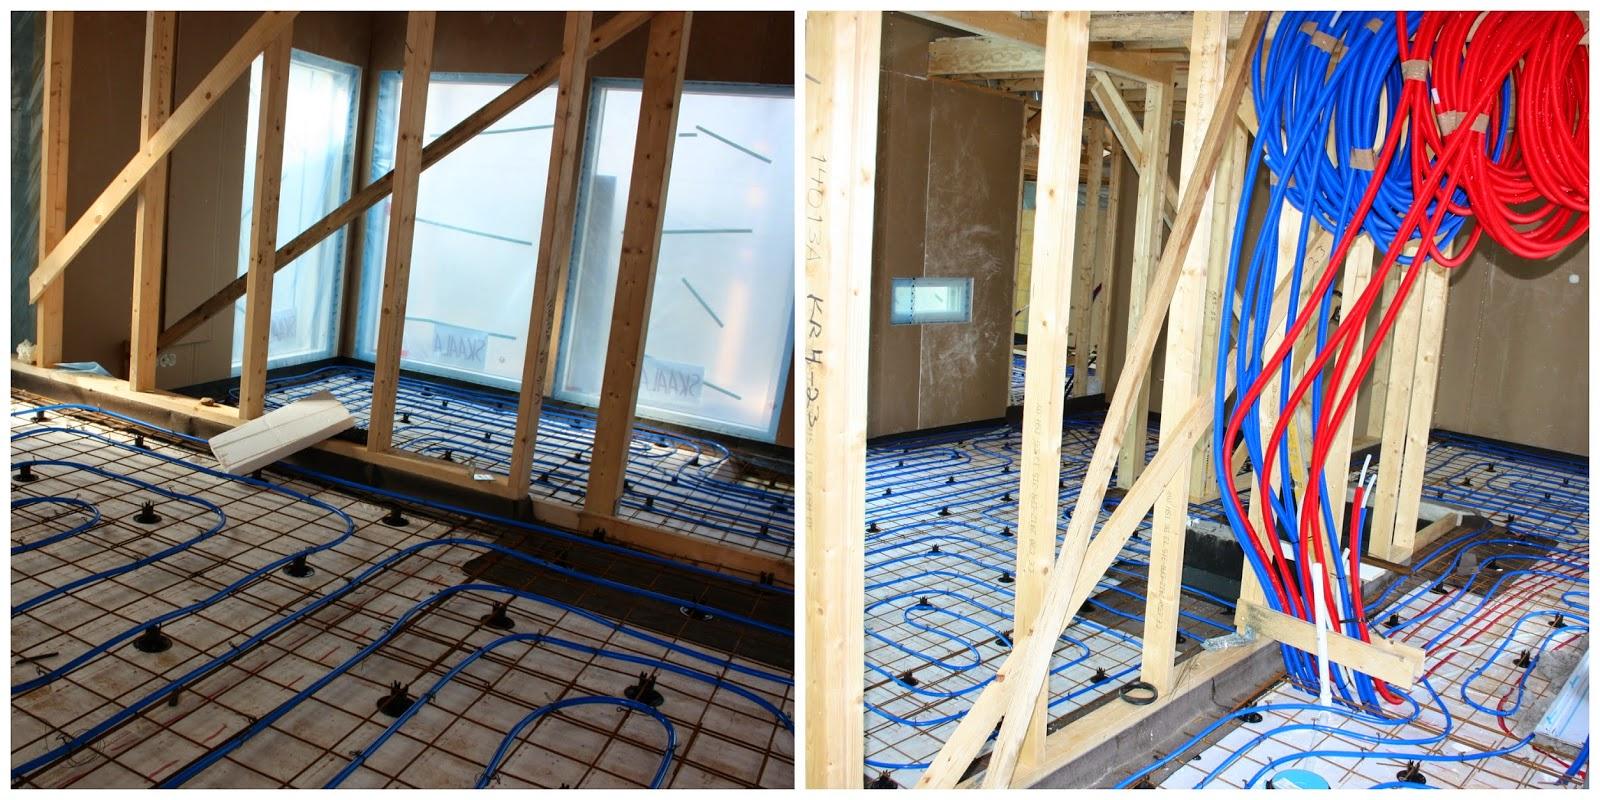 Sisätyöt etenevät: eristeet ja raudoitukset sekä lattialämmitys alakerrassa